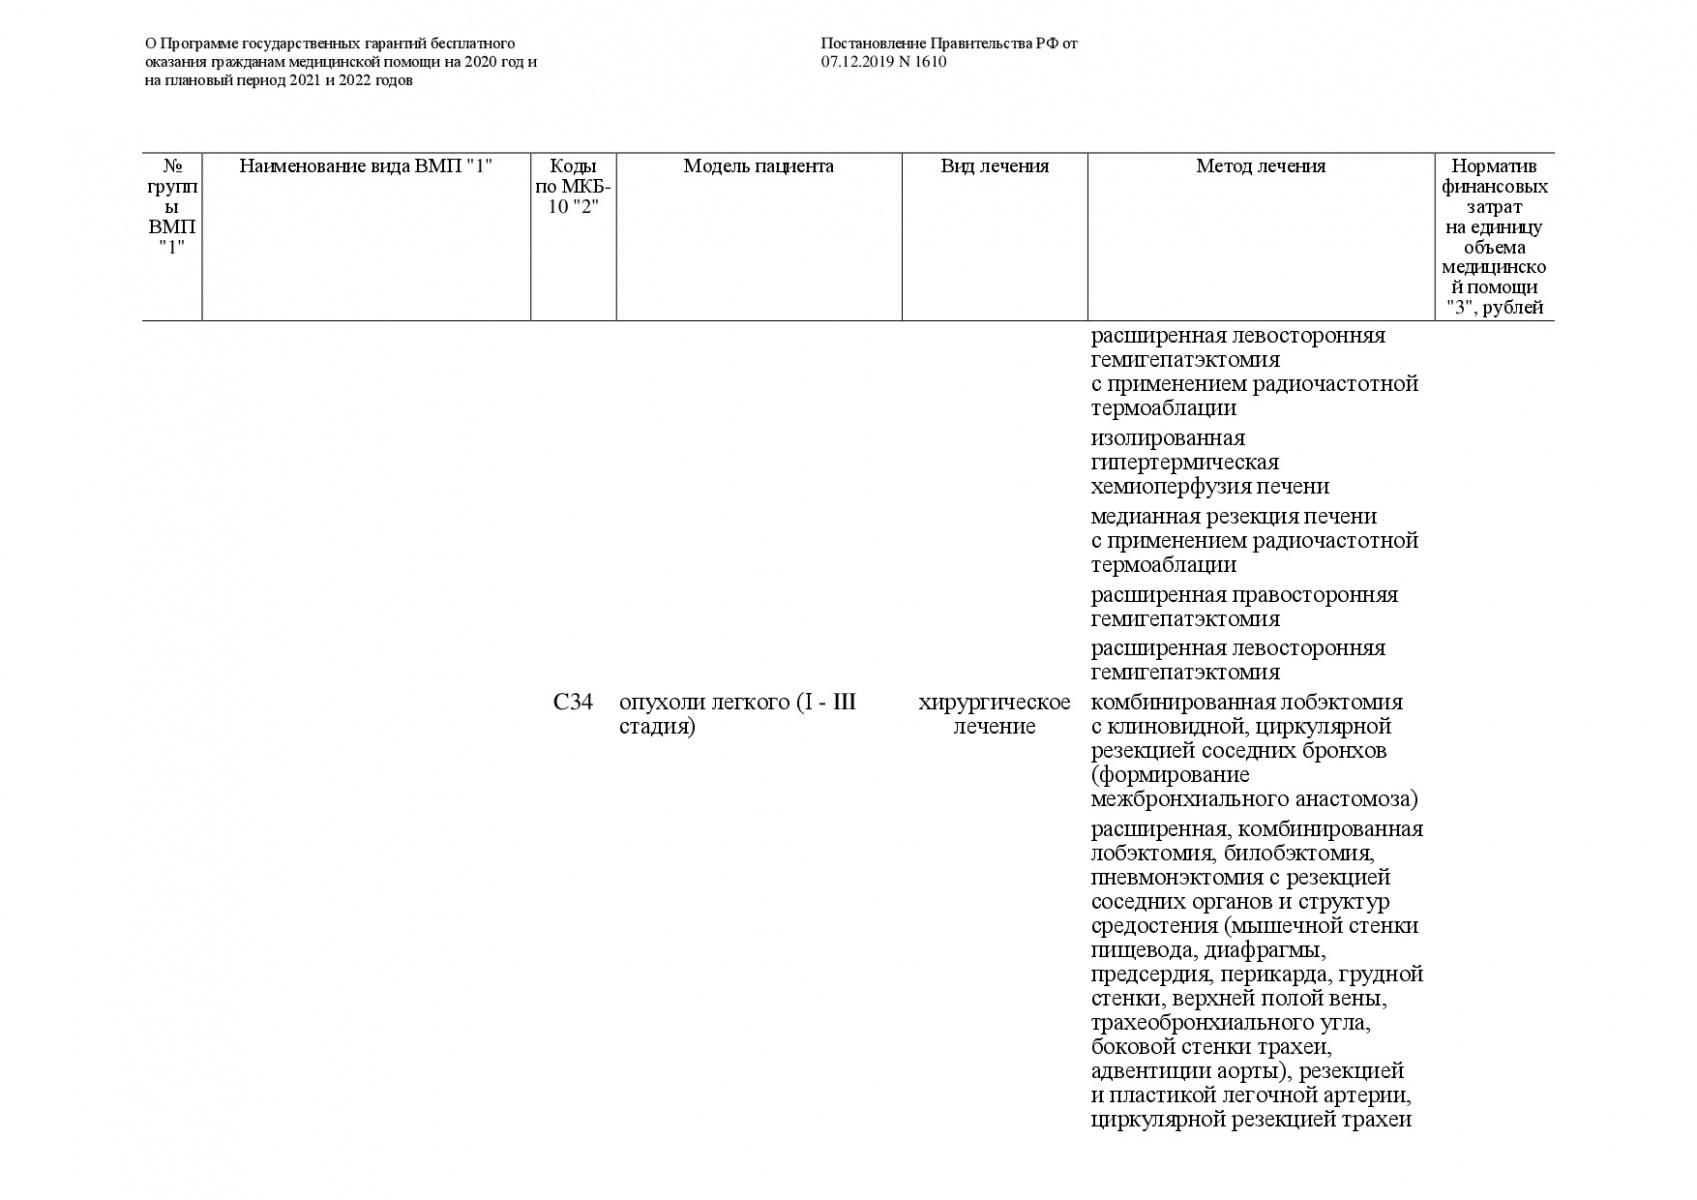 Postanovlenie-Pravitelstva-RF-ot-07_12_2019-1610-O-PGG-085